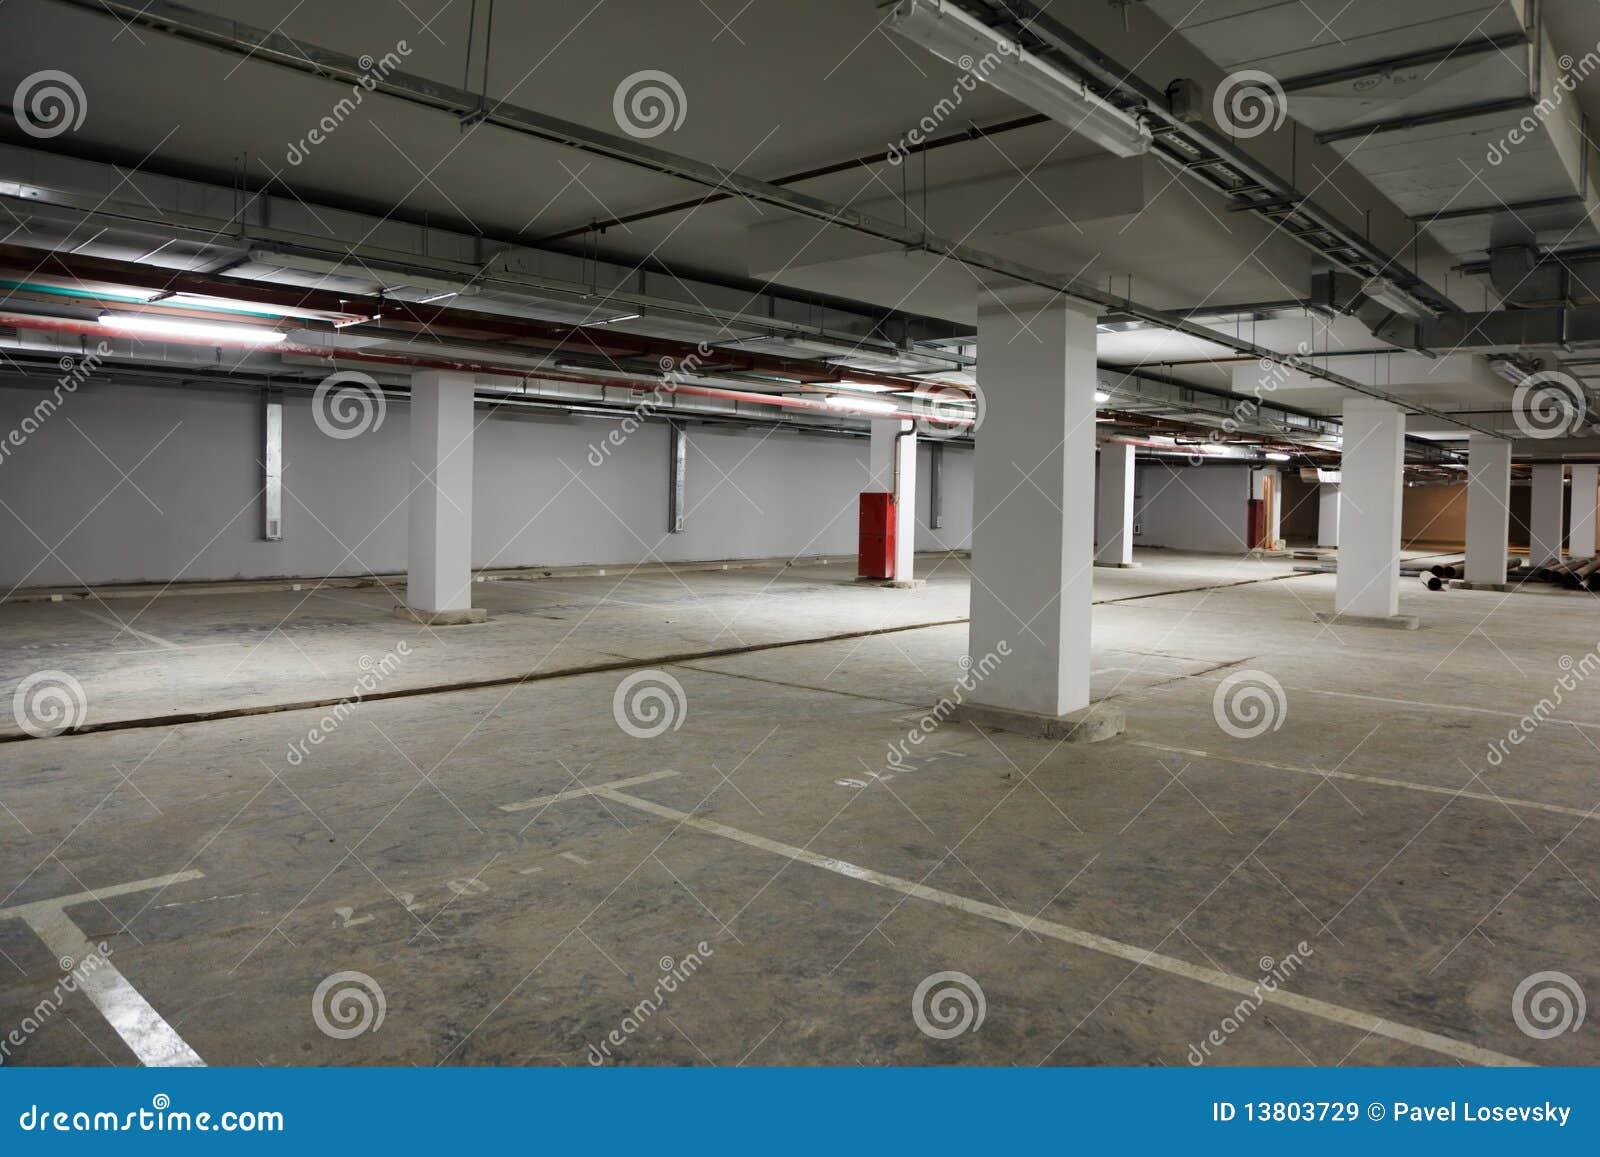 Parking place building.